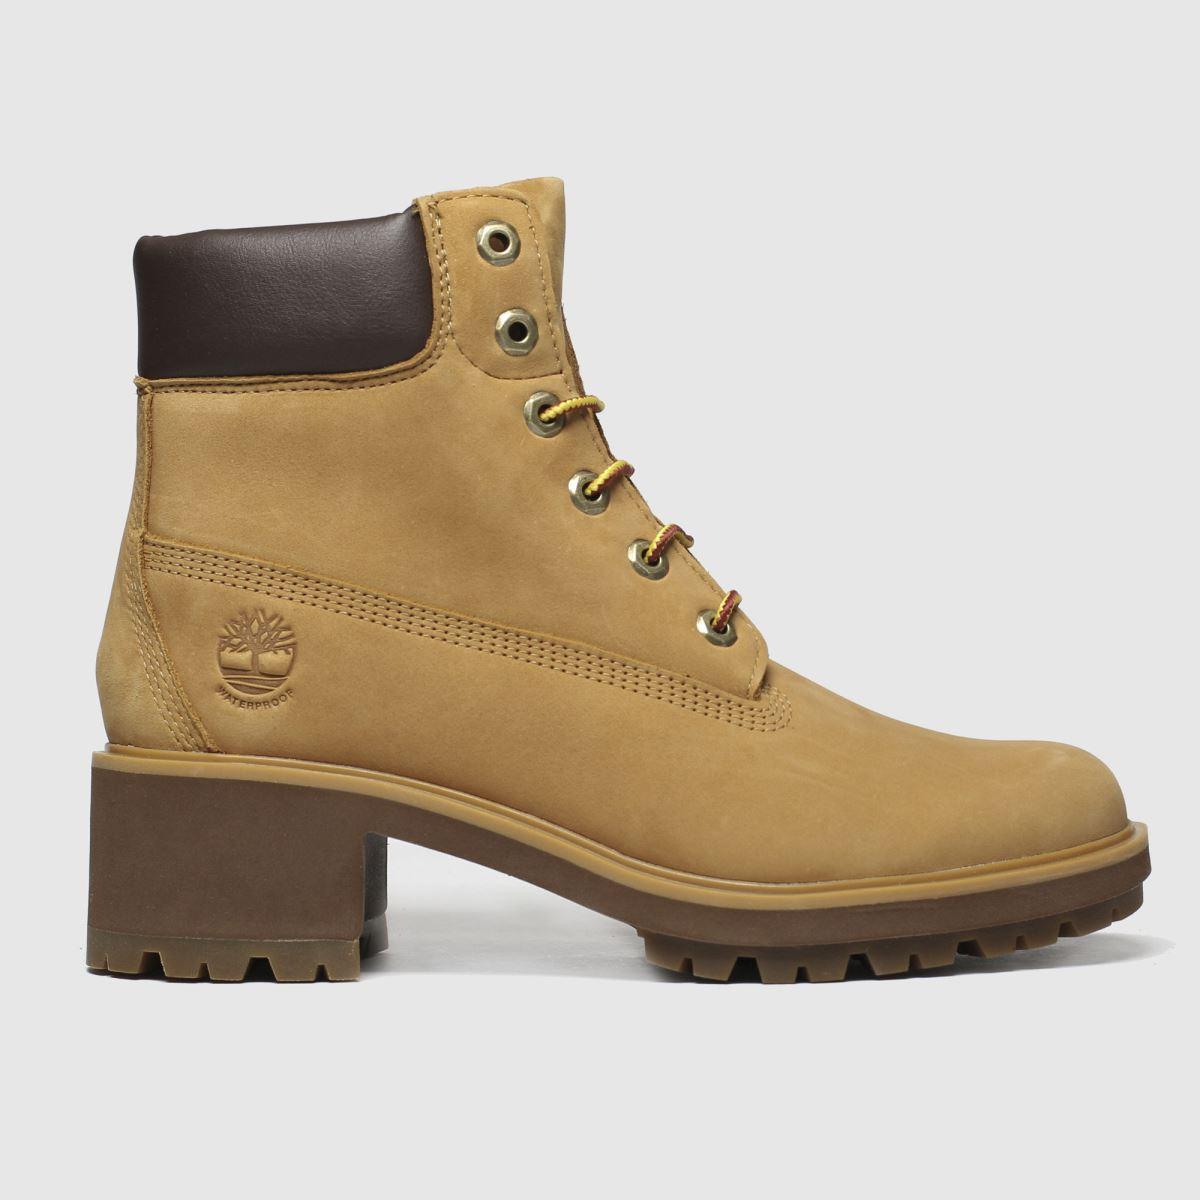 Timberland Tan 6 Inch Kinsley Heel Boots